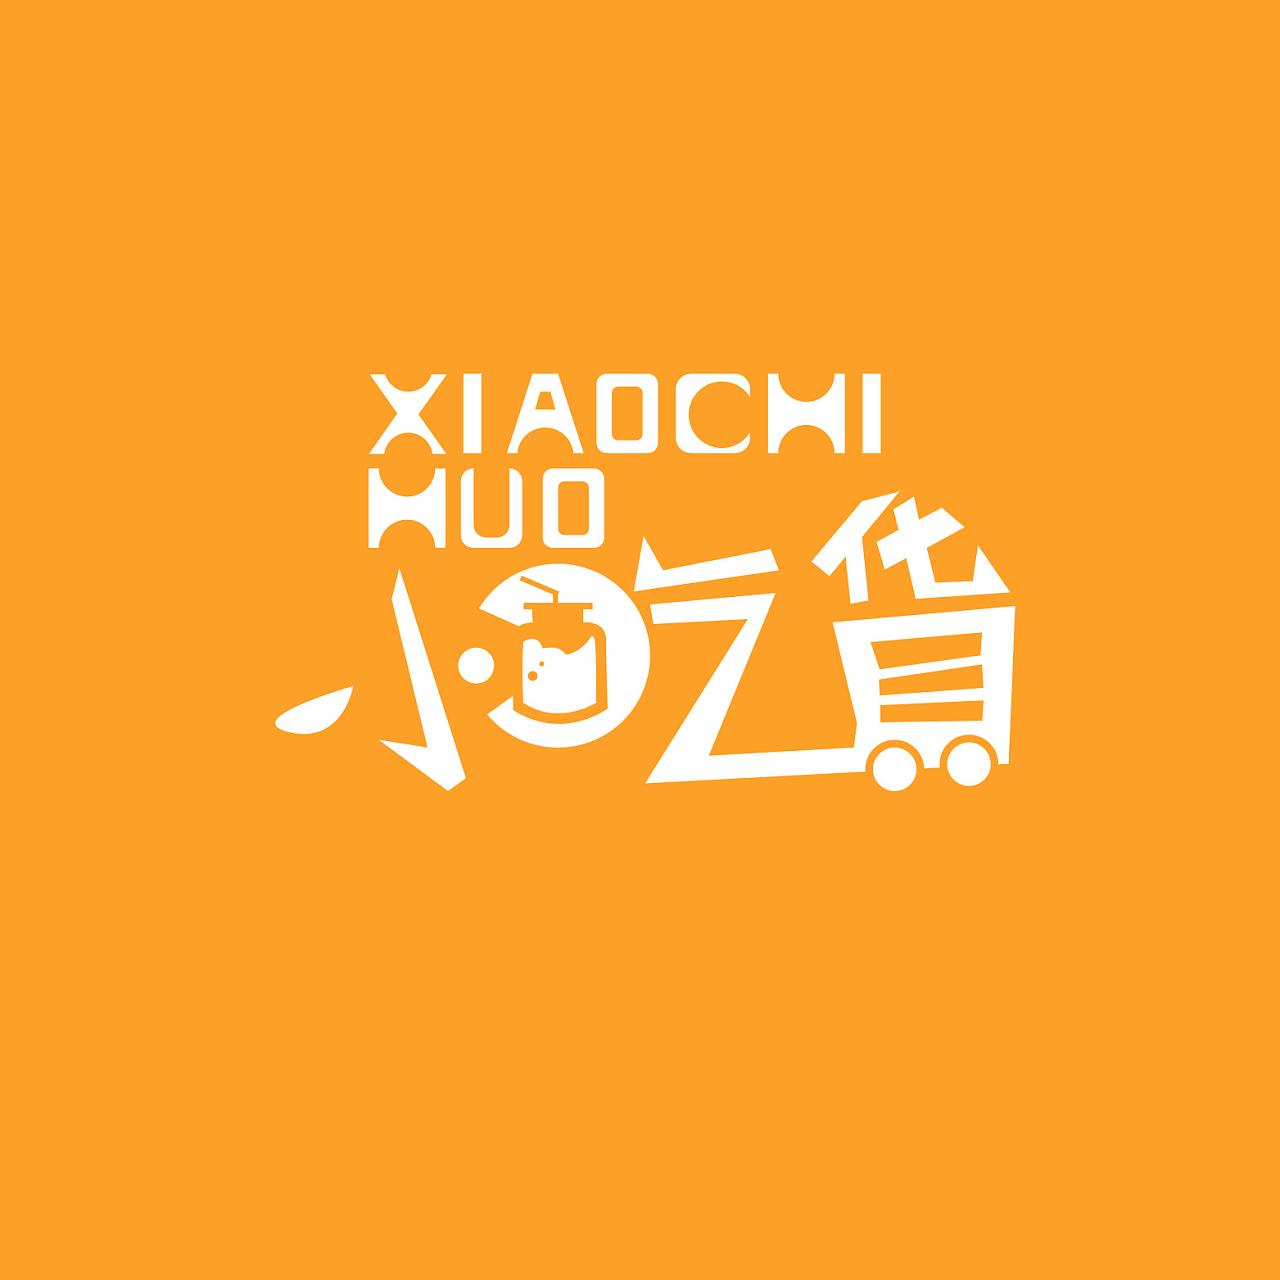 小吃货logo|平面|标志|迷路的老马 - 原创作品 - 站酷图片